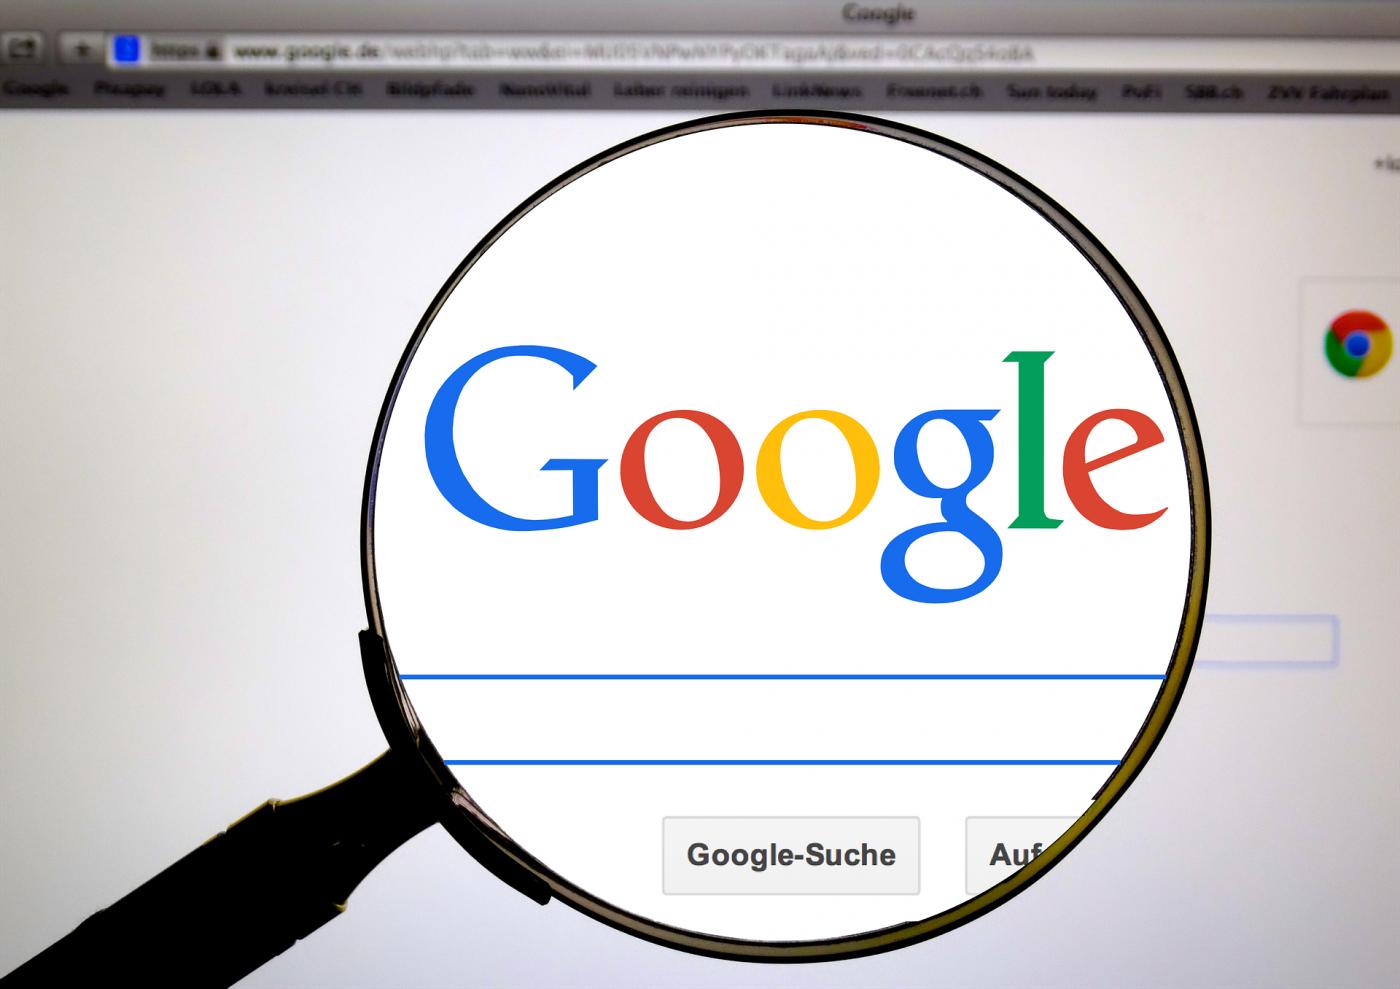 紹介した2社に共通することはふたつある。ひとつ目は残念ながら事業が終了してしまっていること。ふたつ目は2013年にM&Aされているということだ。この2013年にM&Aされている点にはGoogleのM&A戦略があるだろう。